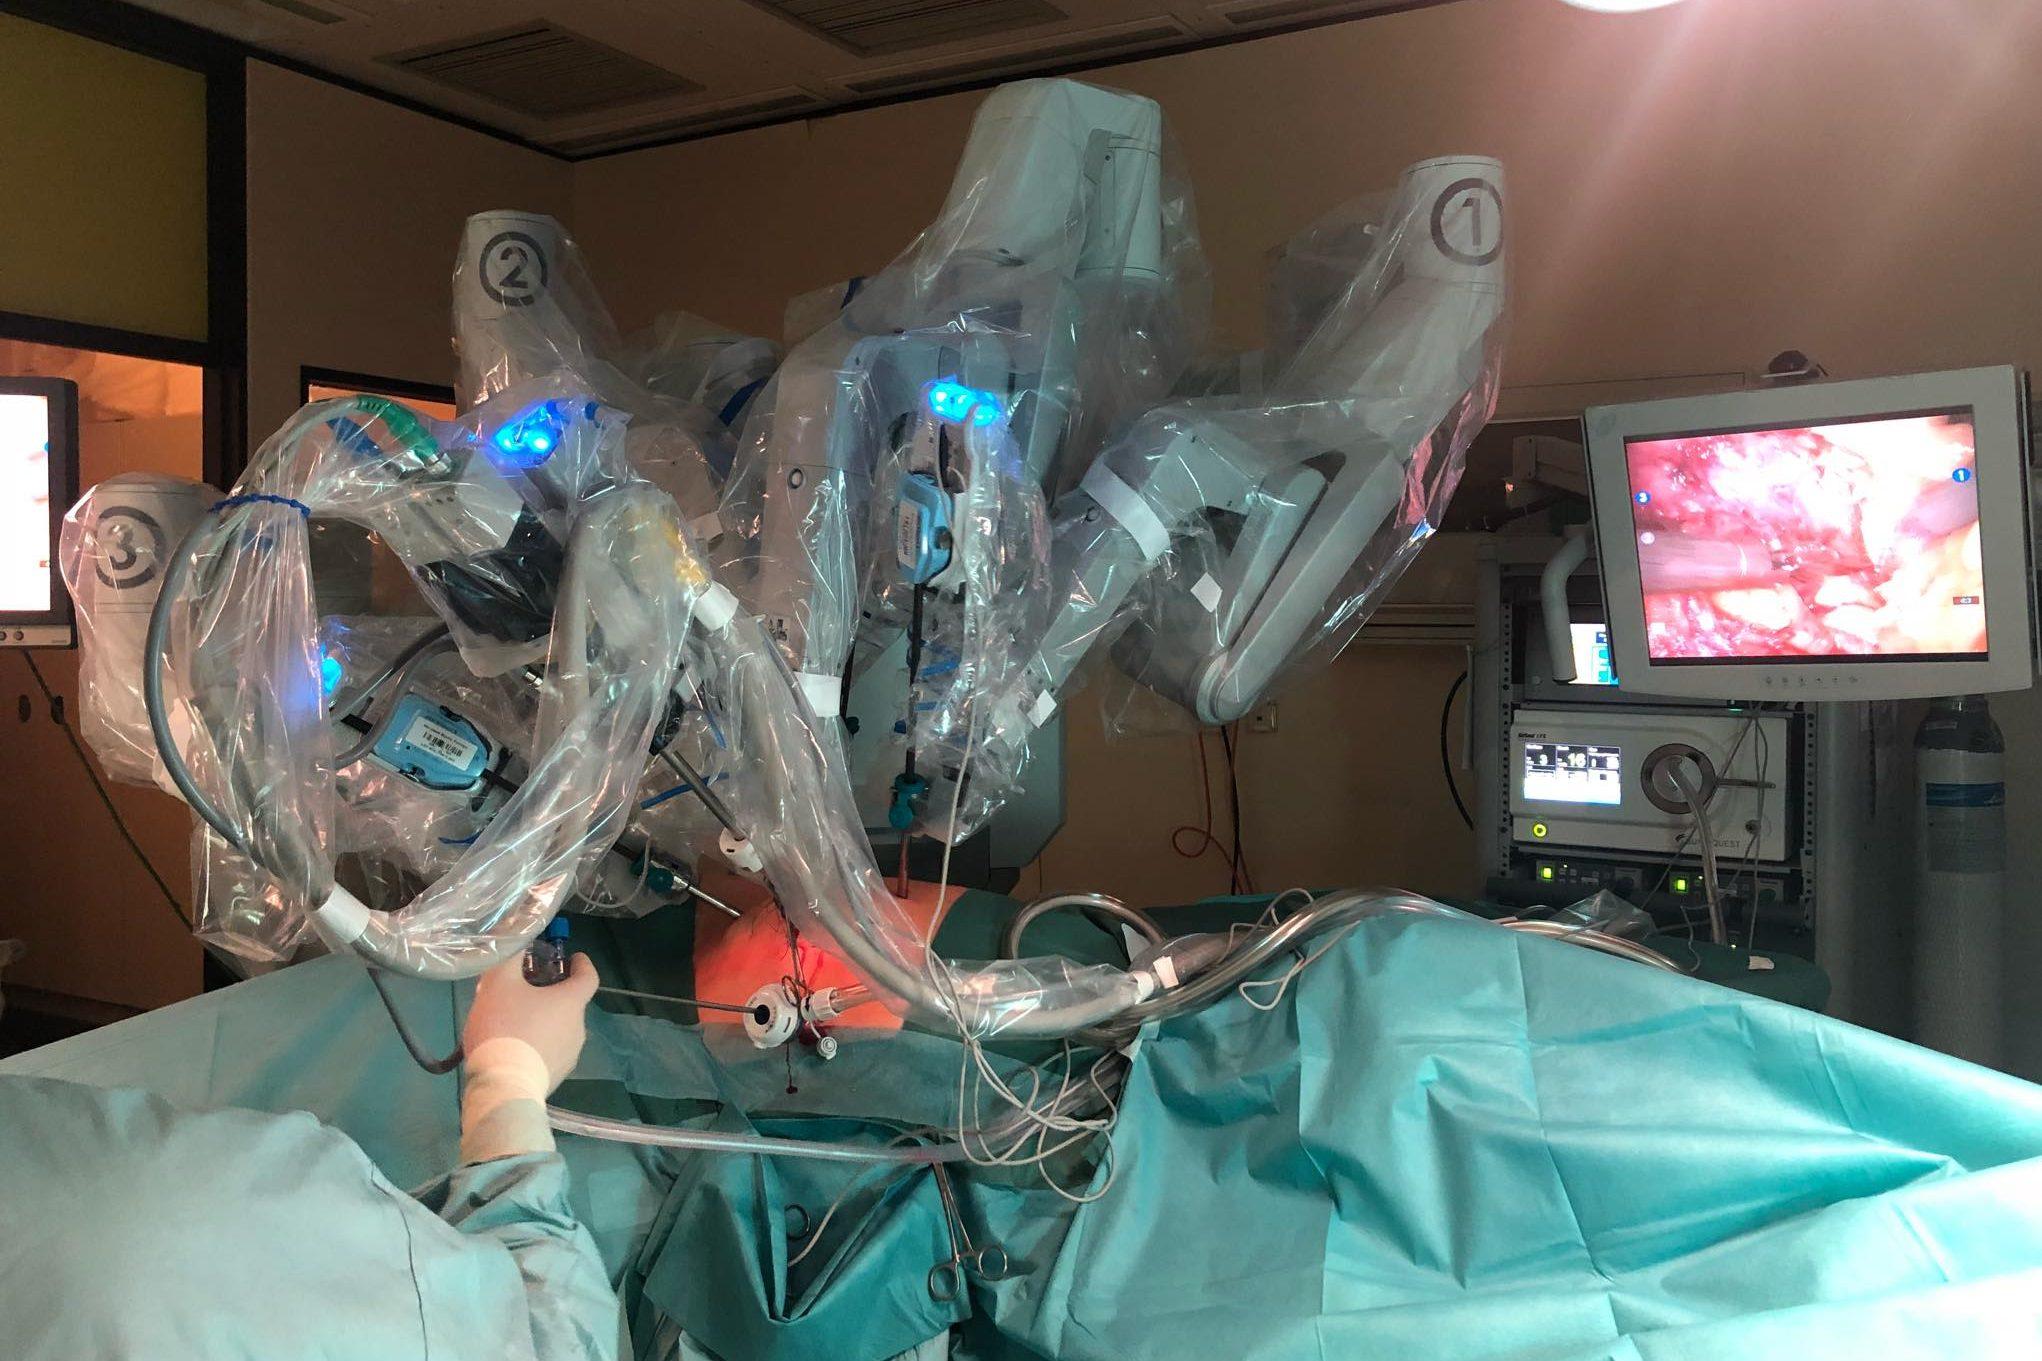 Die Roboterarme von Da Vinci sind im Einsatz zur Entfernung des Tumors in der rechten Niere. Foto: Sezen Yildirim